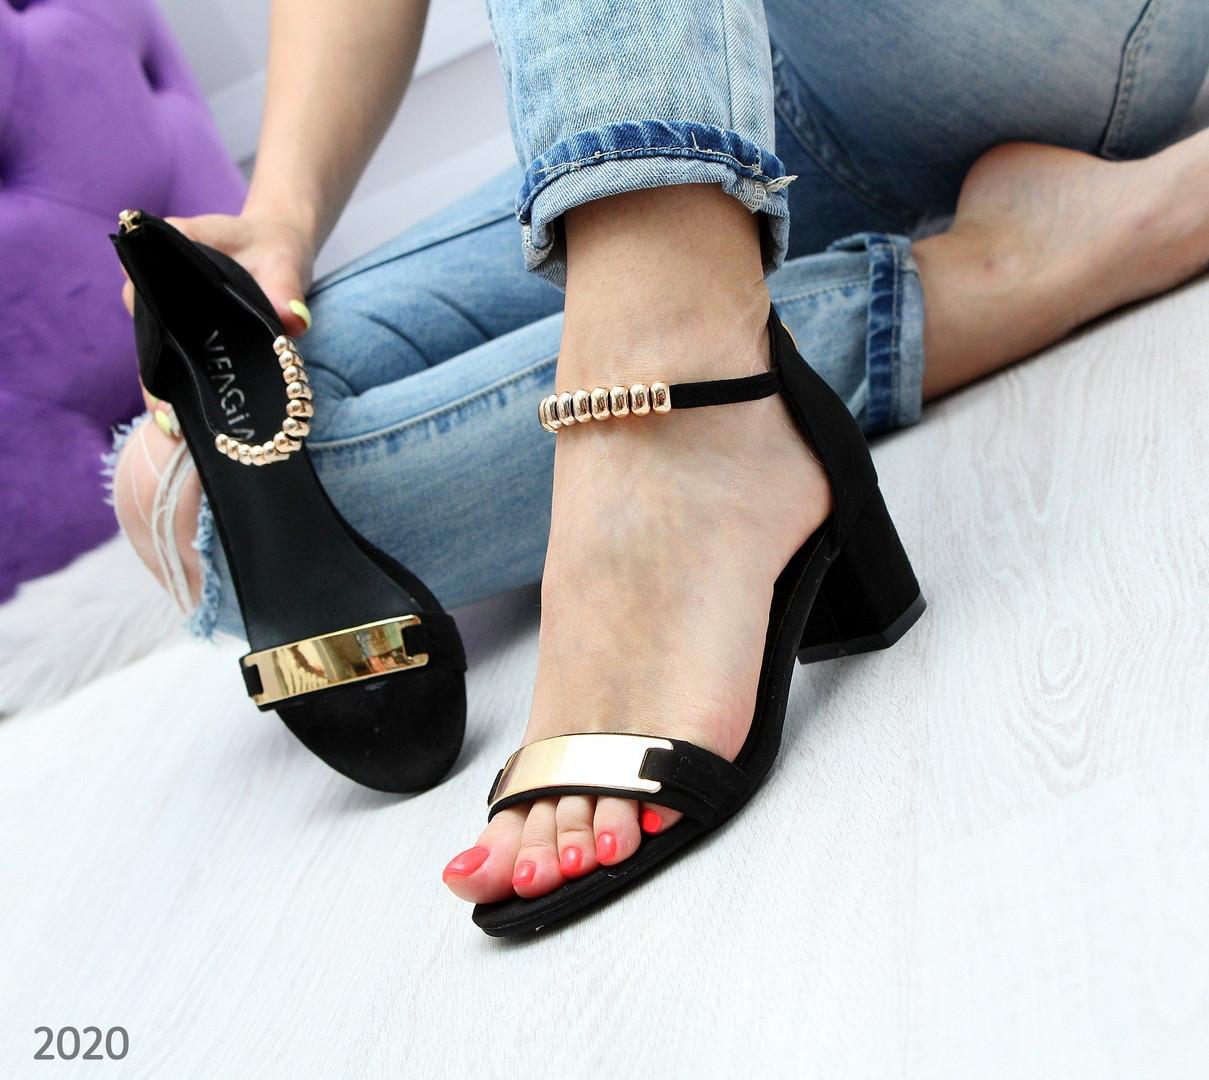 f863b7a0282f Женские замшевые босоножки на низком каблуке с золотыми вставками черные